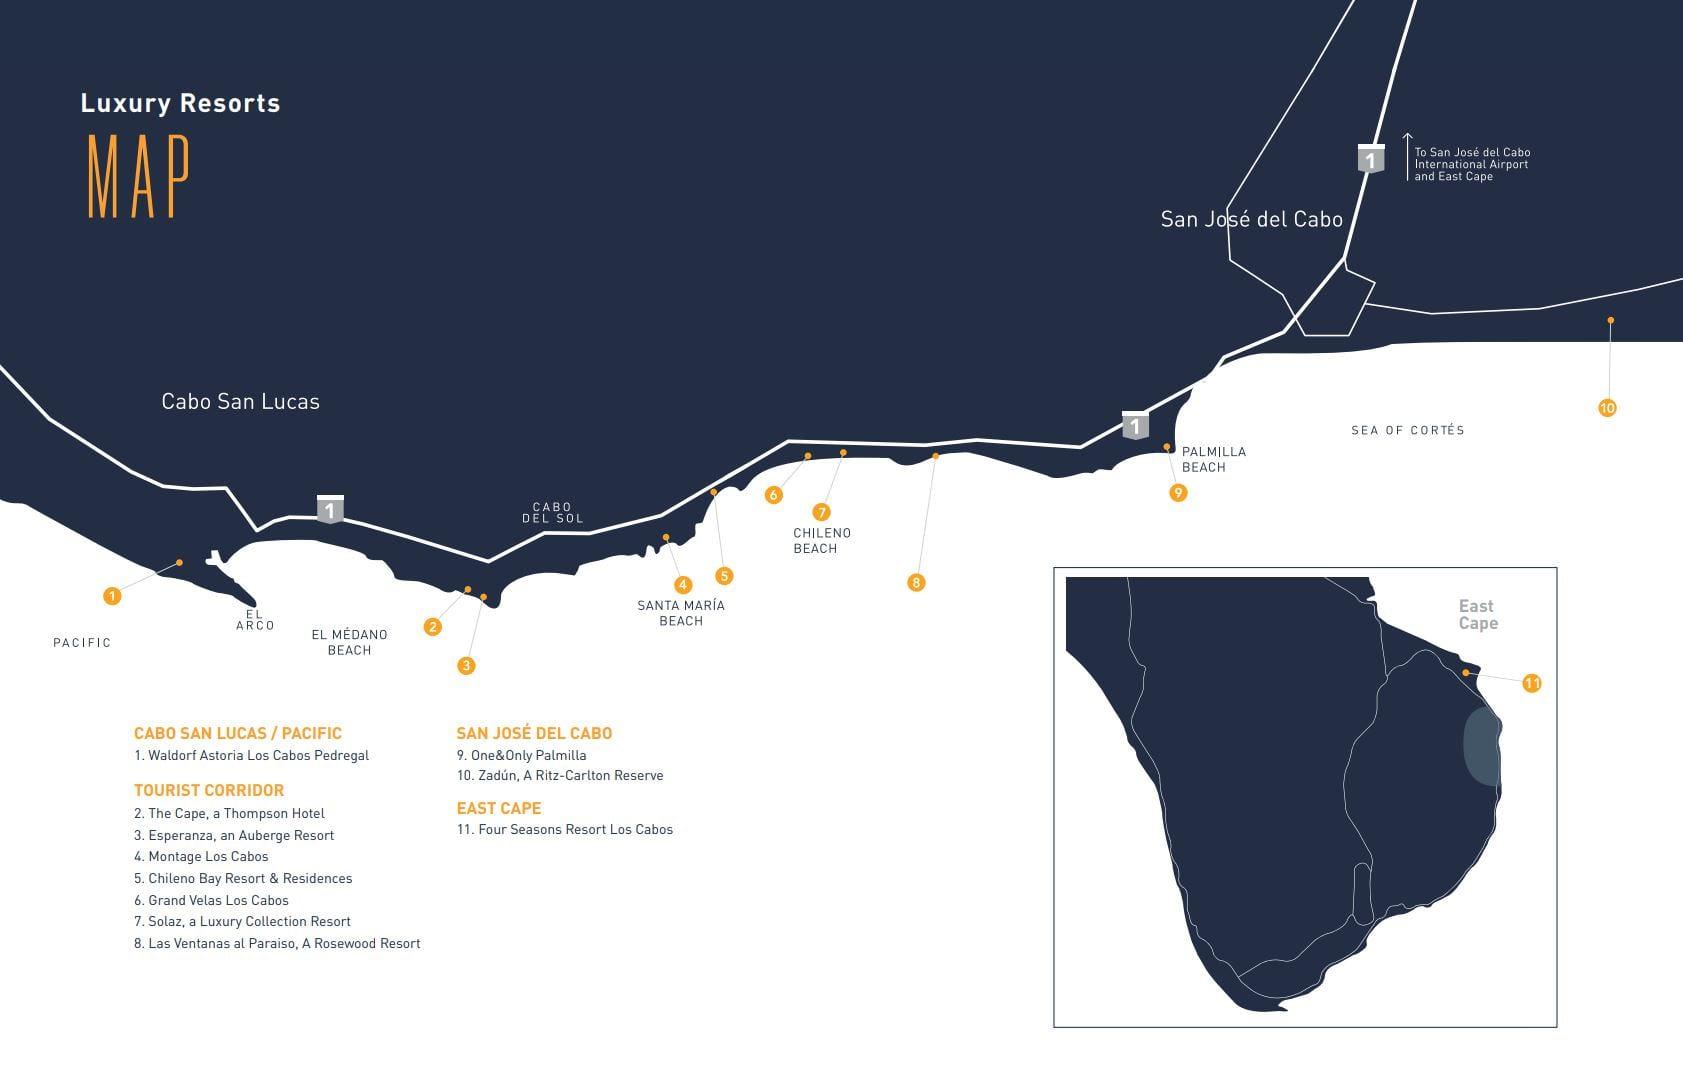 Los Cabos Hotel Guide